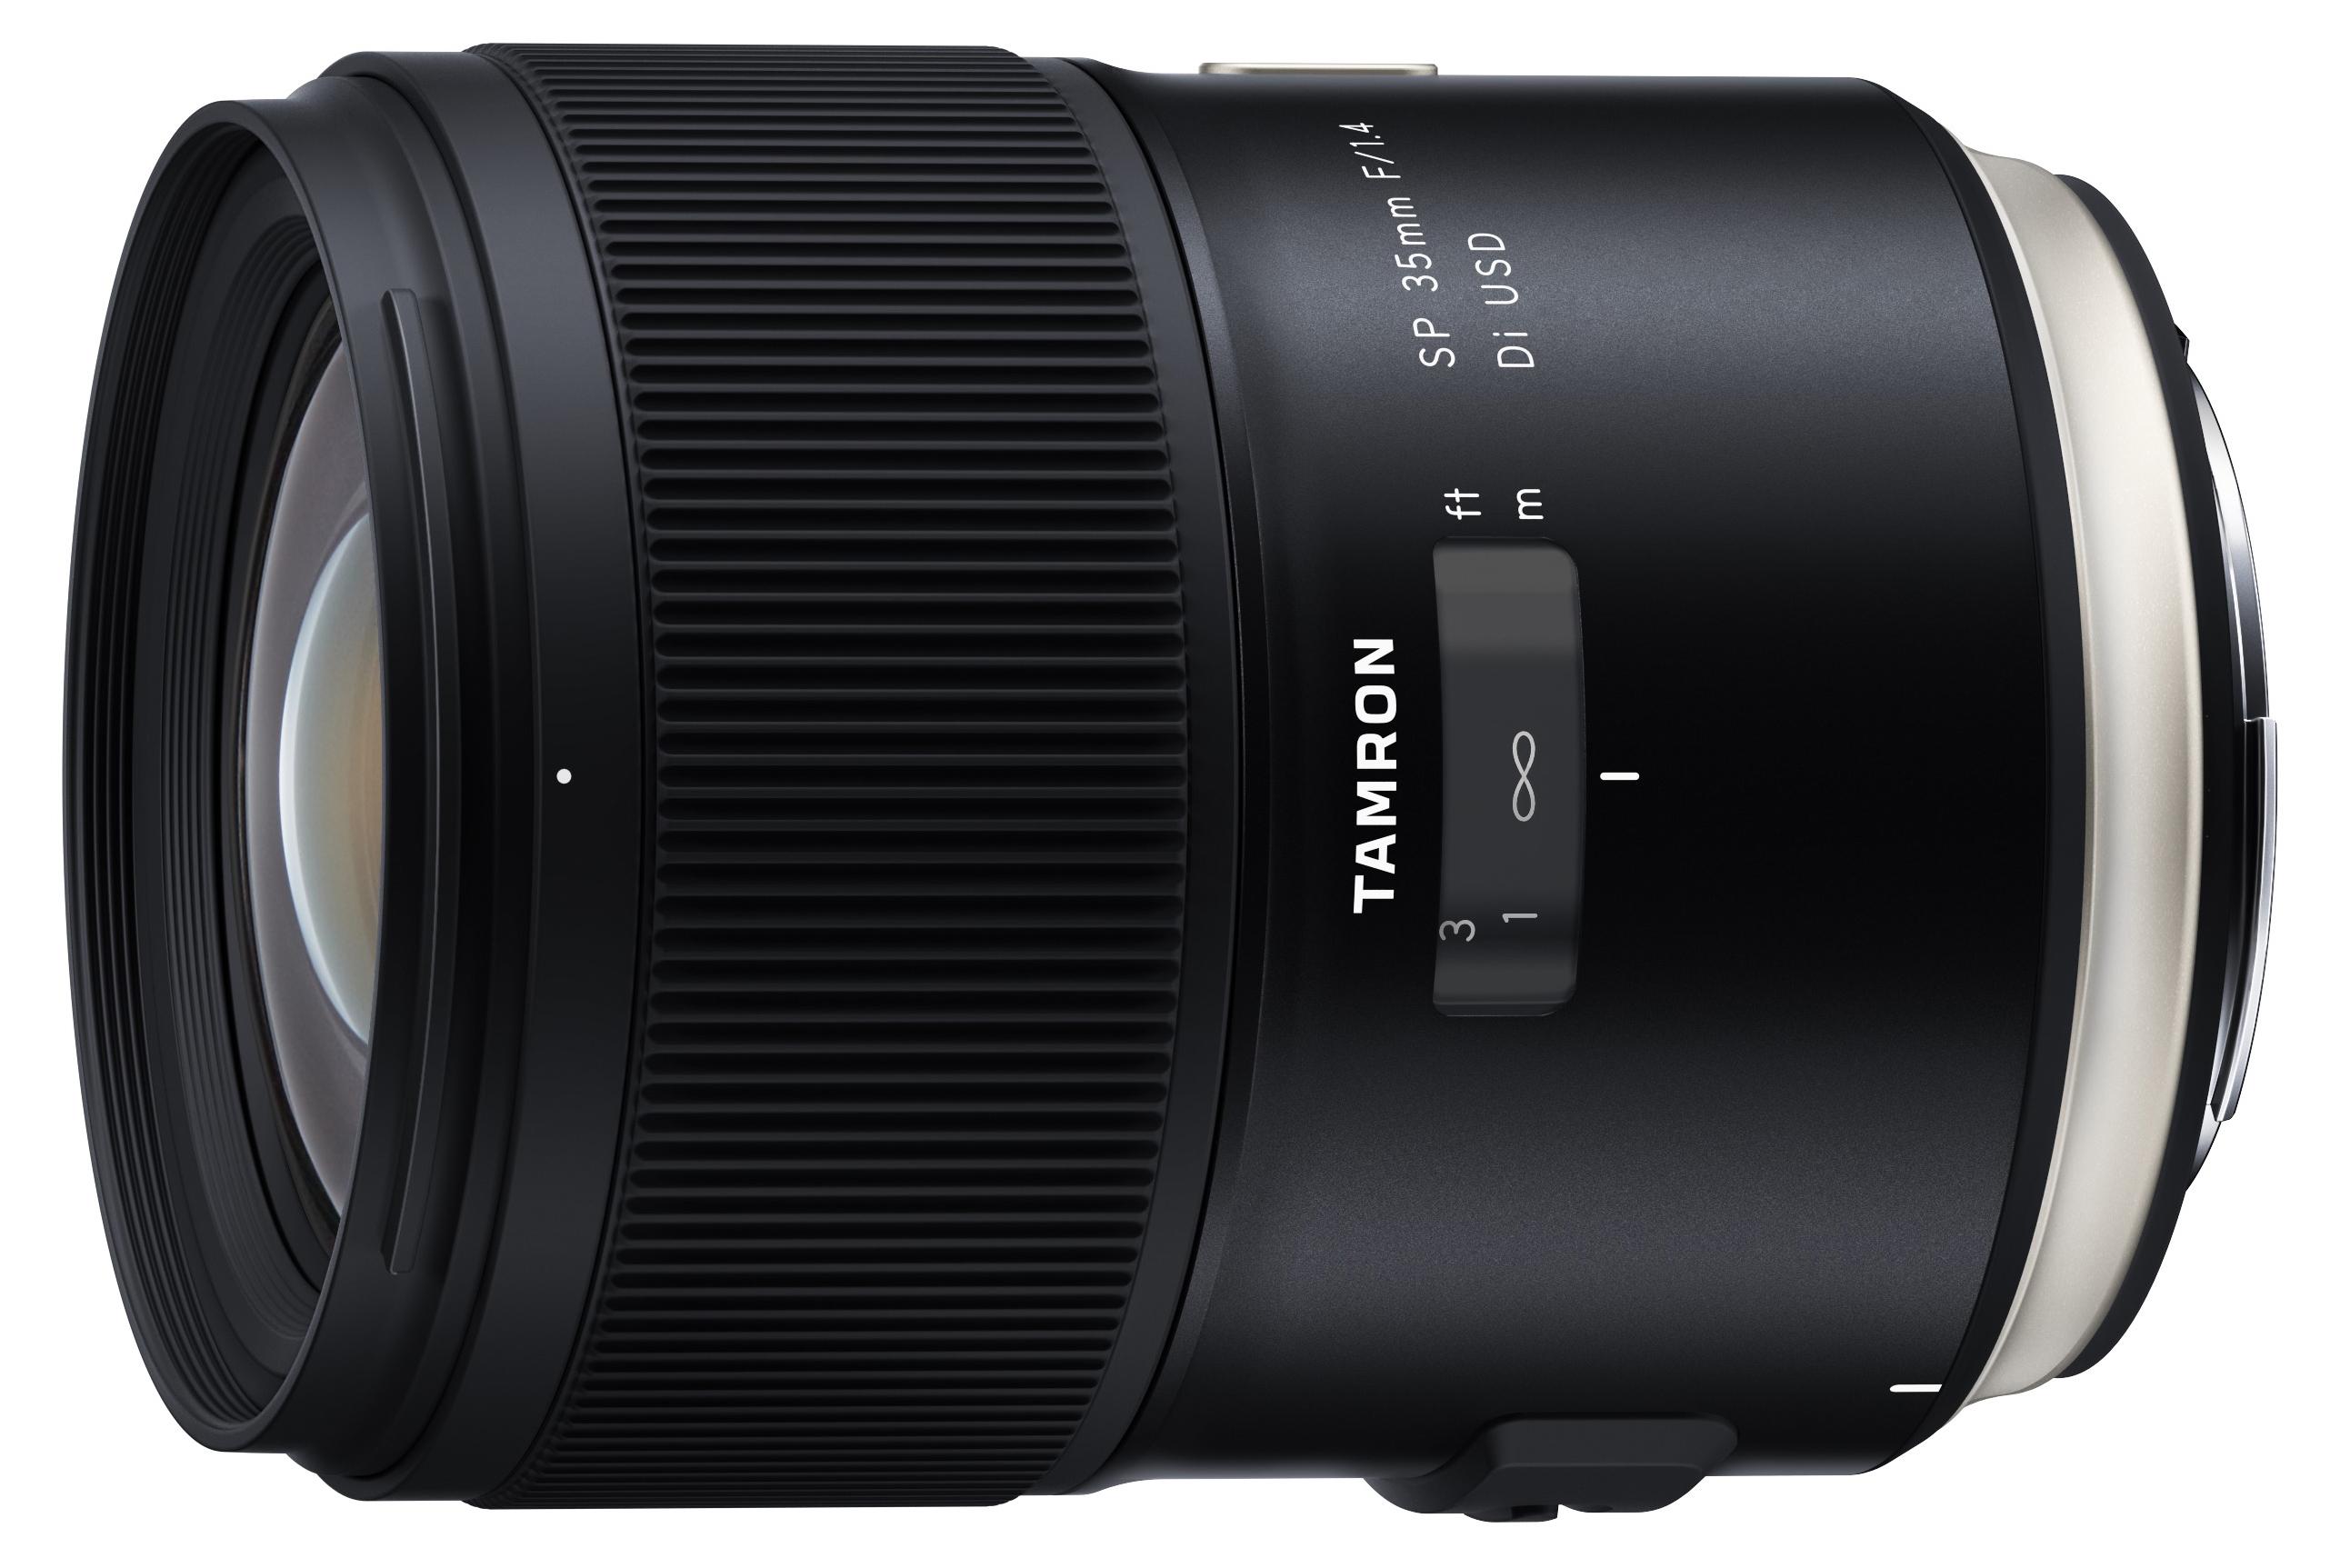 New Tamron 35mm lens for full-frame DSLRs - Amateur Photographer